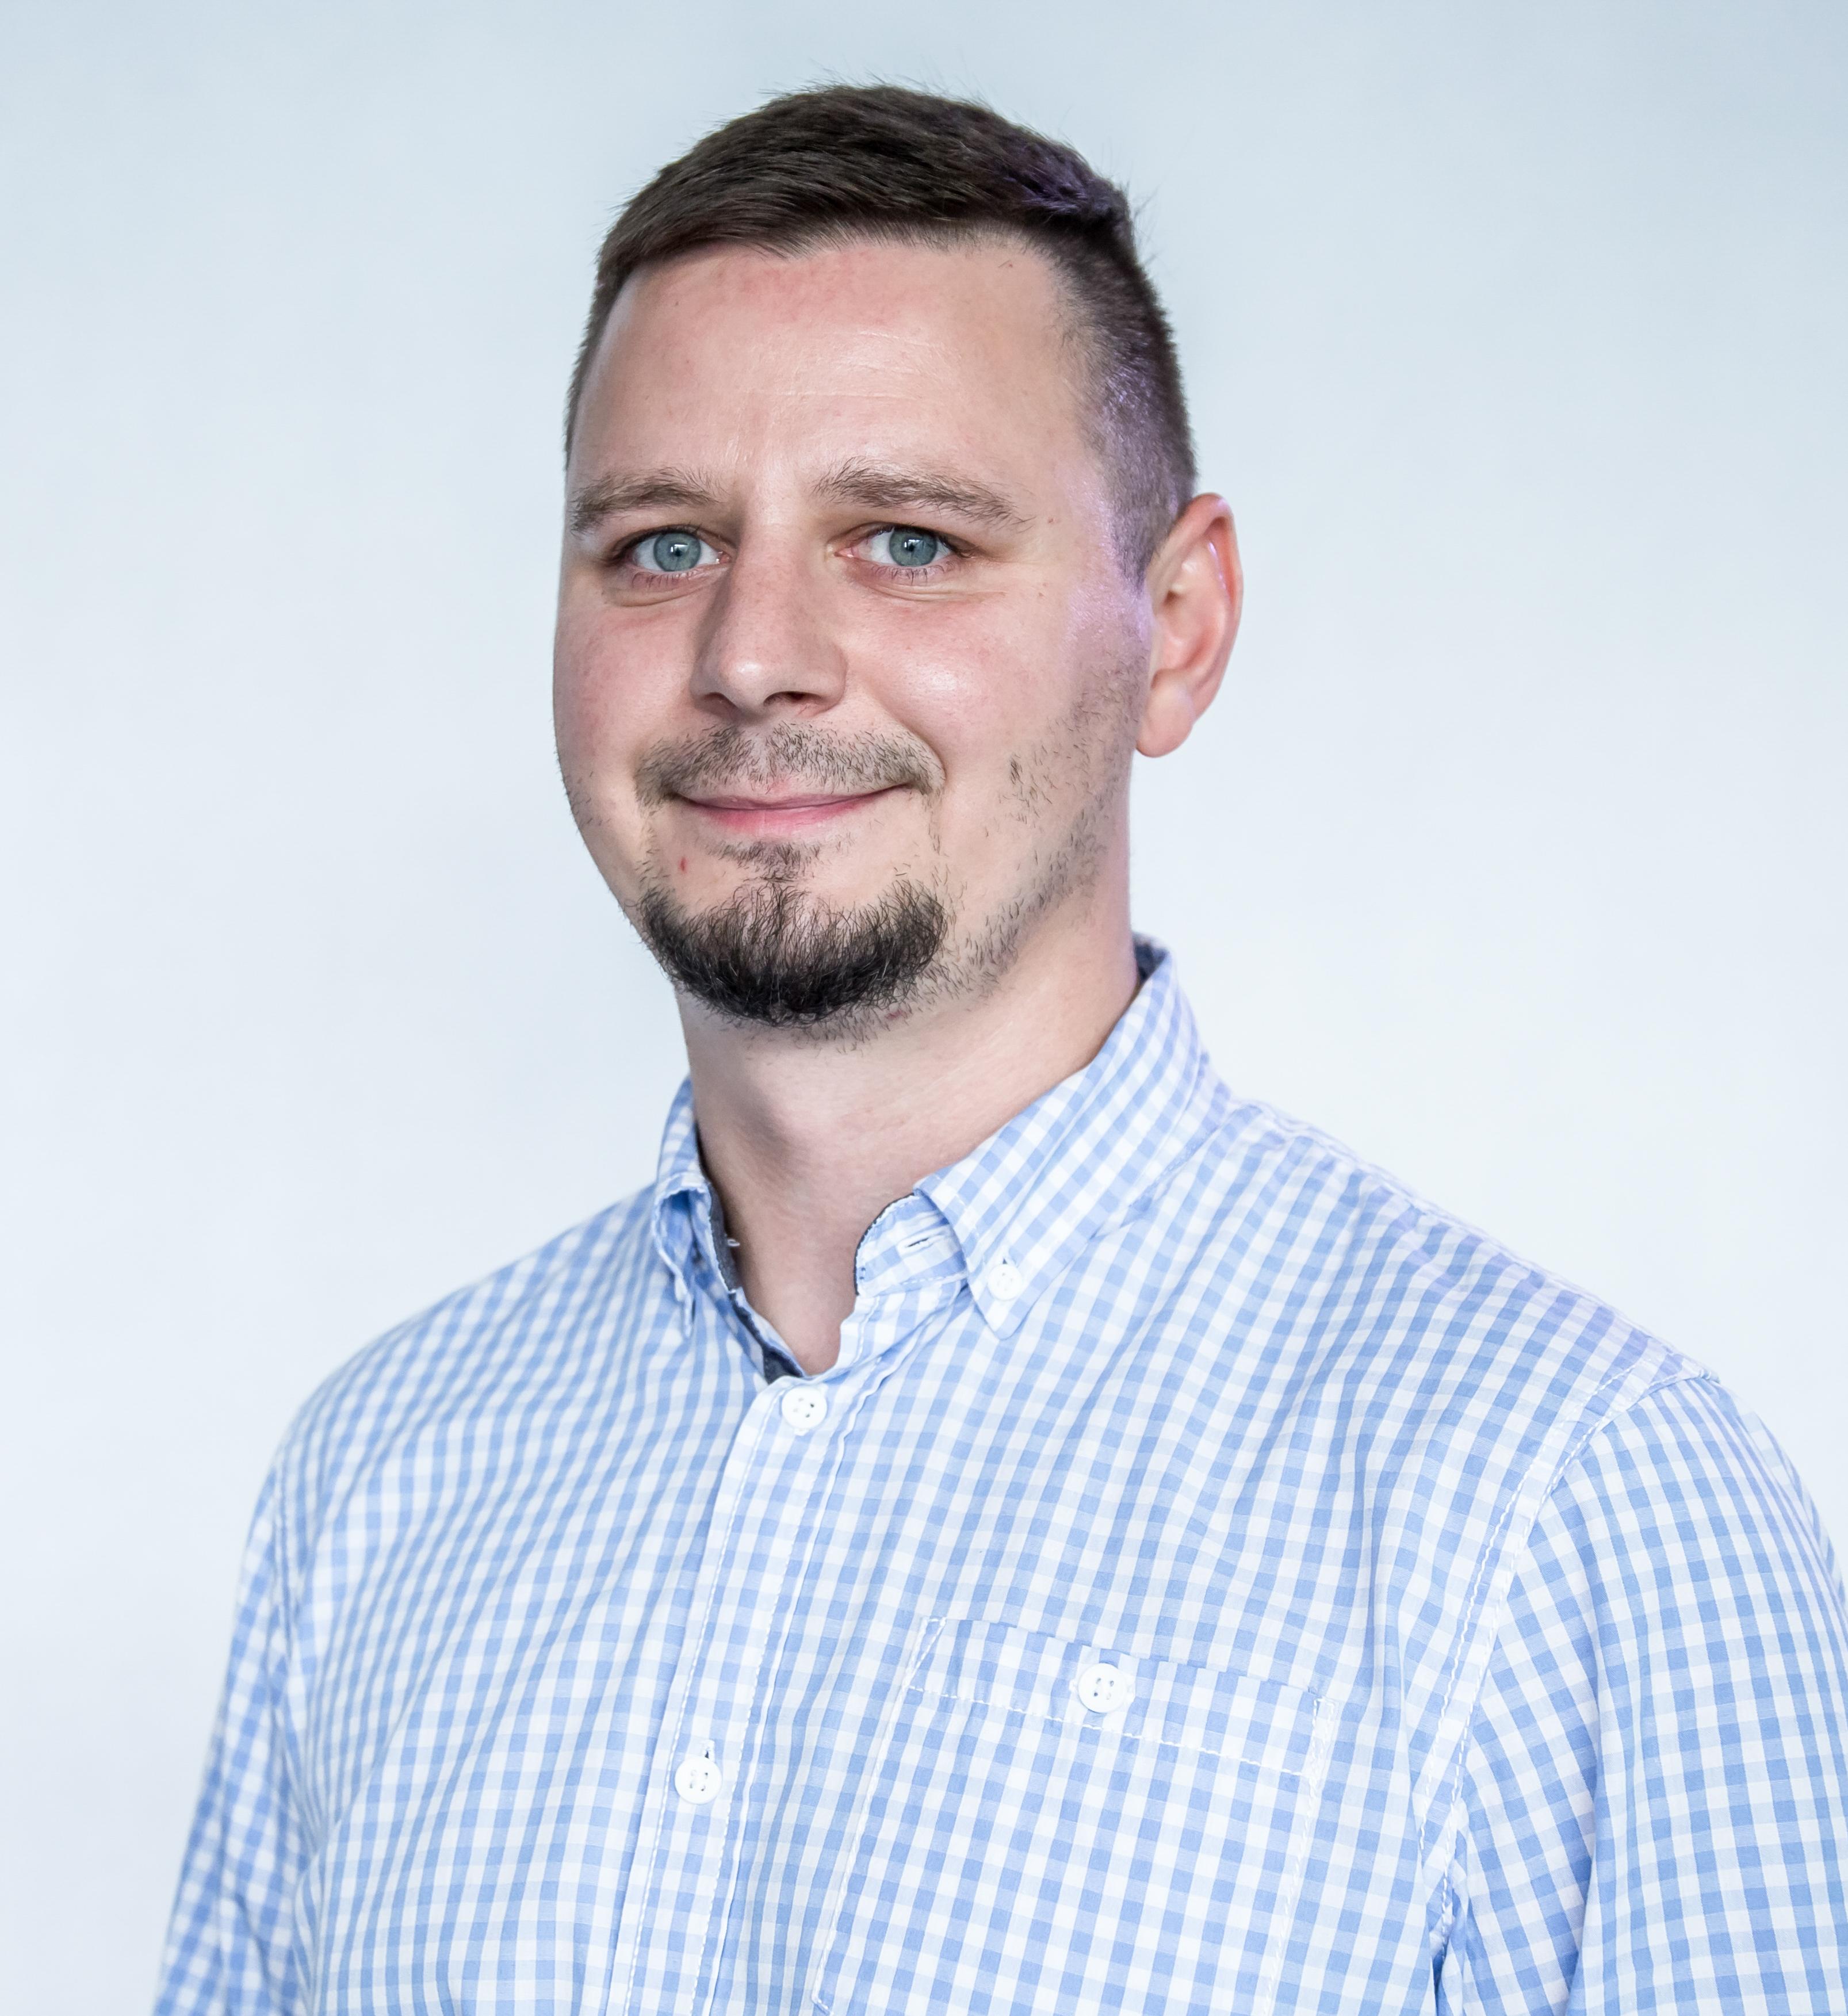 Marek Chmal